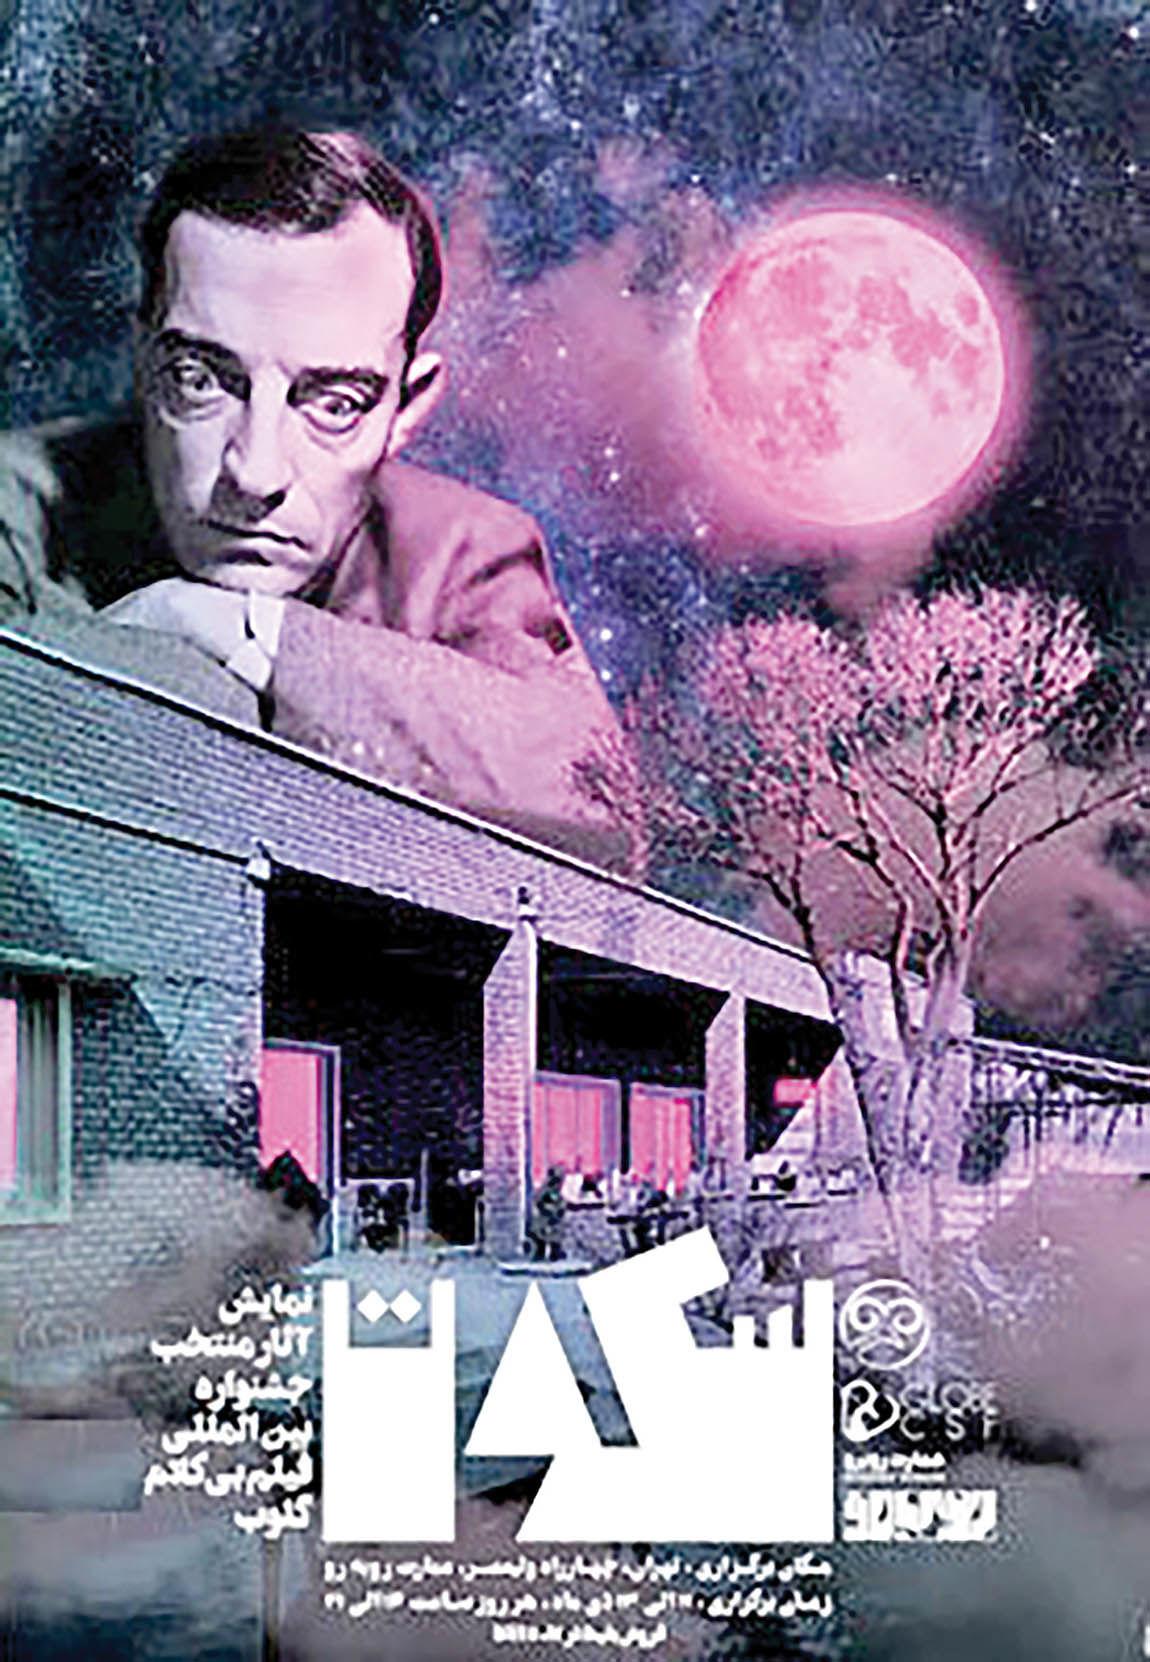 جشنواره فیلمهای بیکلام در عمارت روبهرو